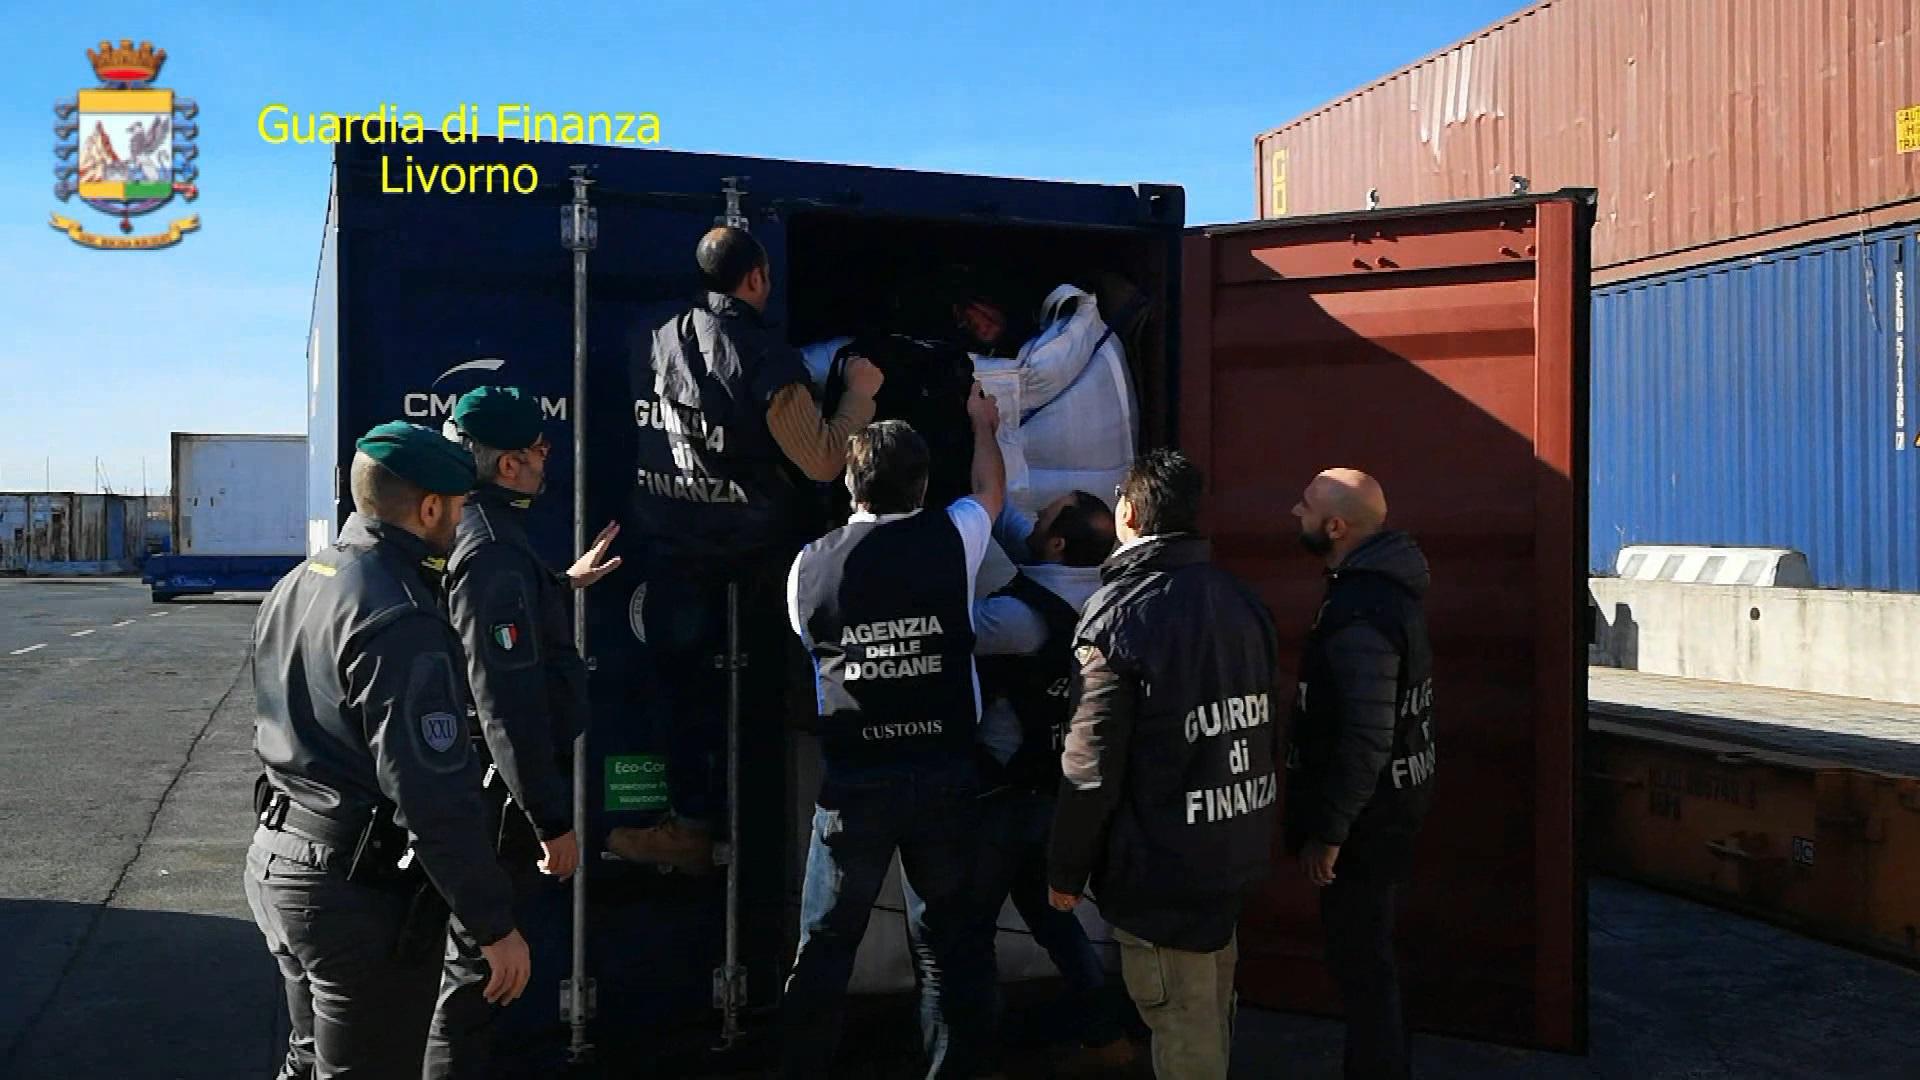 Cocaina tra i sacchi di caffè, sequestrati in porto 644 chili: valeva 130 milioni di euro